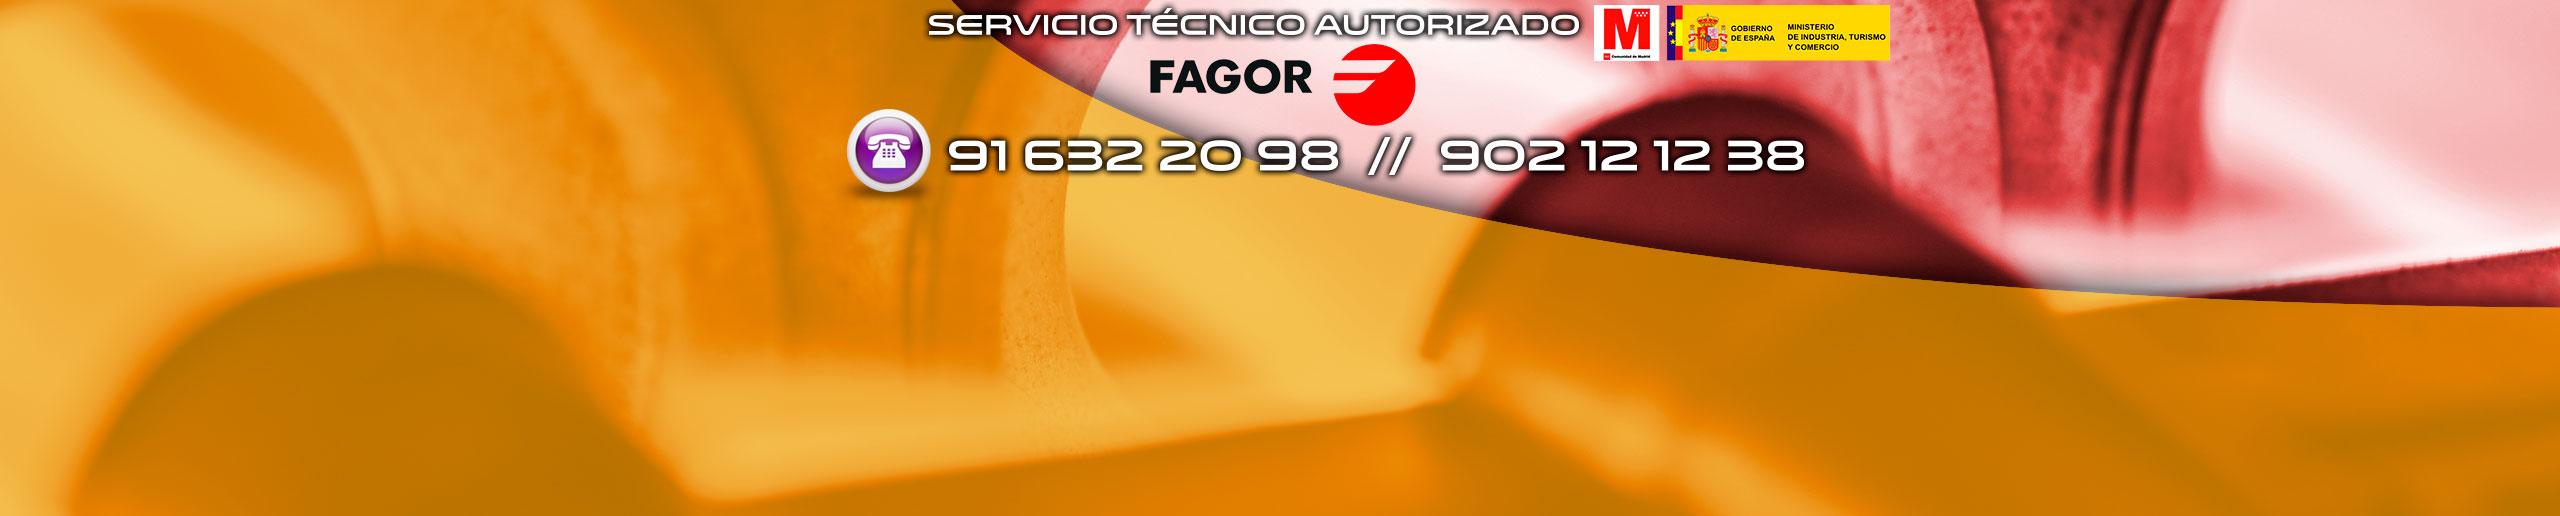 Servicio t cnico calderas fagor en parla t 91 632 20 for Tecnico calderas madrid